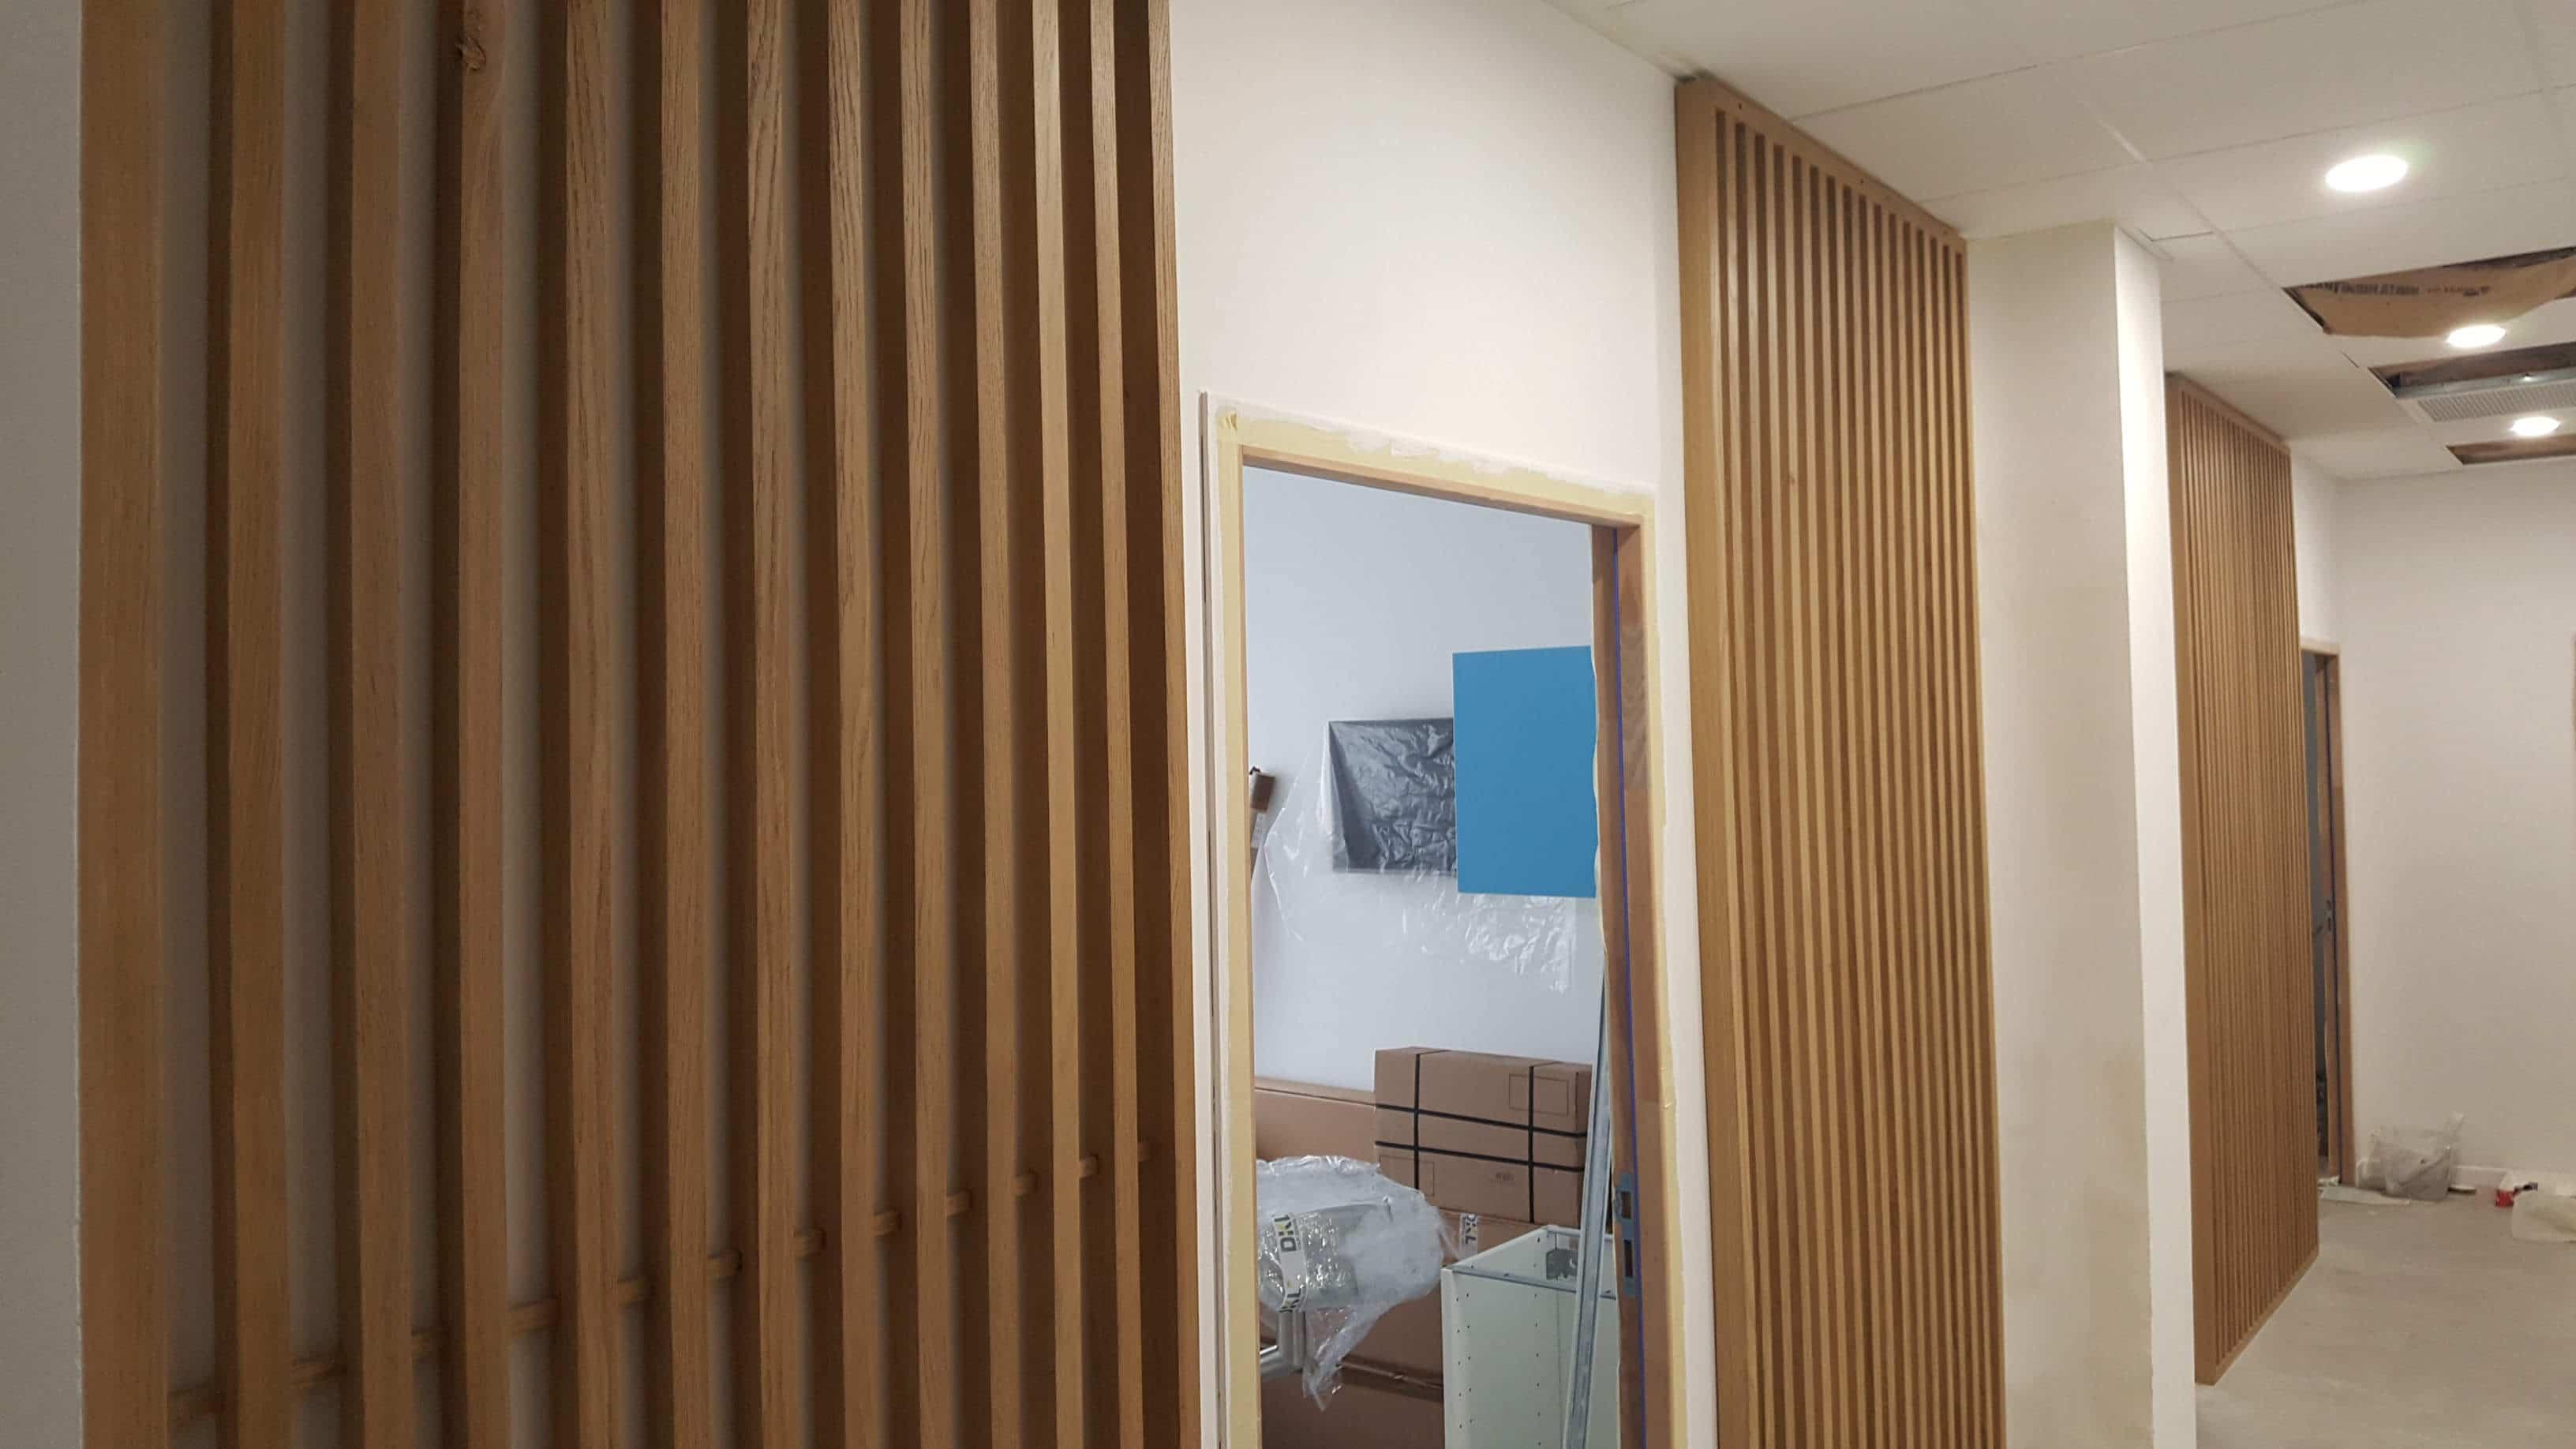 Lames de bois verticales fixées au mur